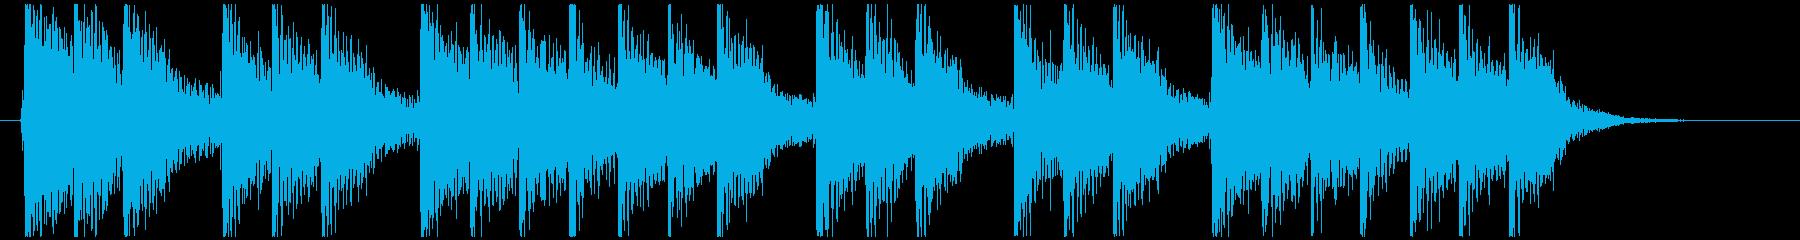 三三七拍子モチーフ力強い和風ジングル 4の再生済みの波形